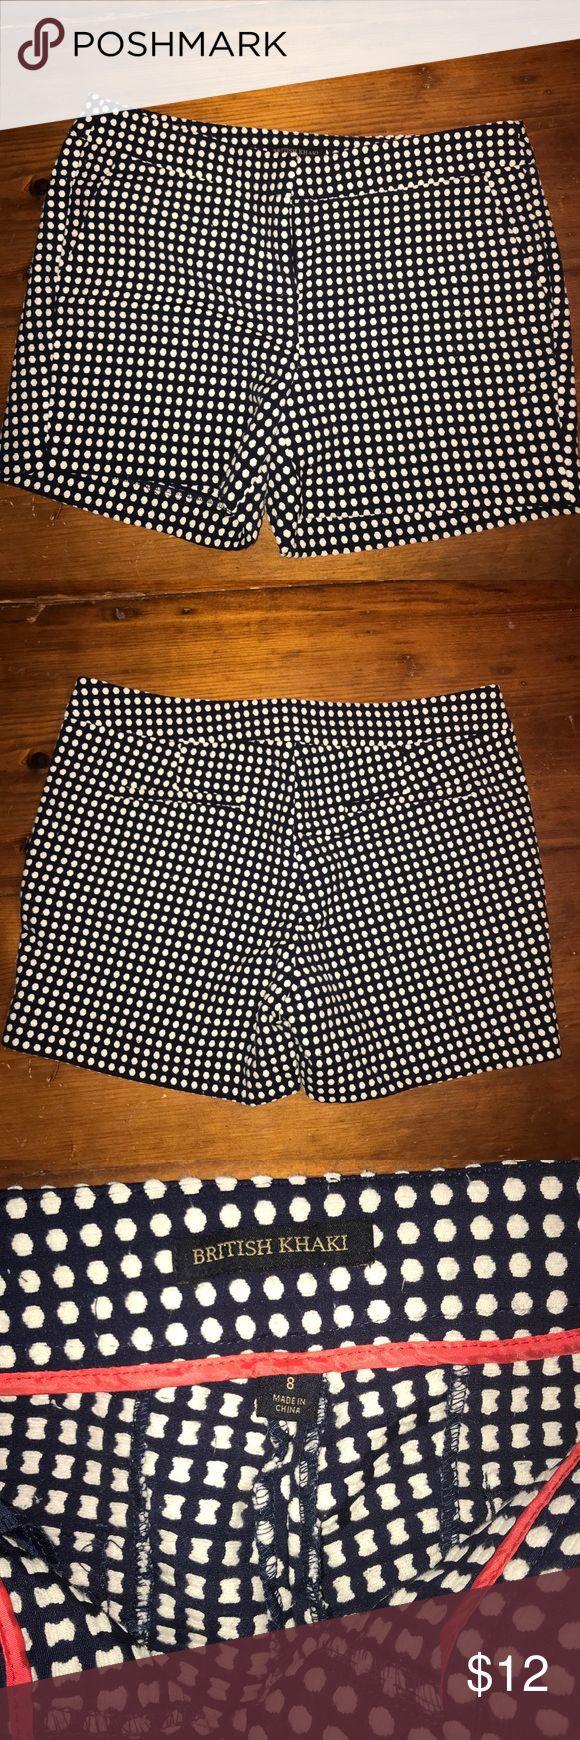 British Khaki Polka Dot Shorts Mint condition. Navy and white polka dot shorts. British Khaki Shorts